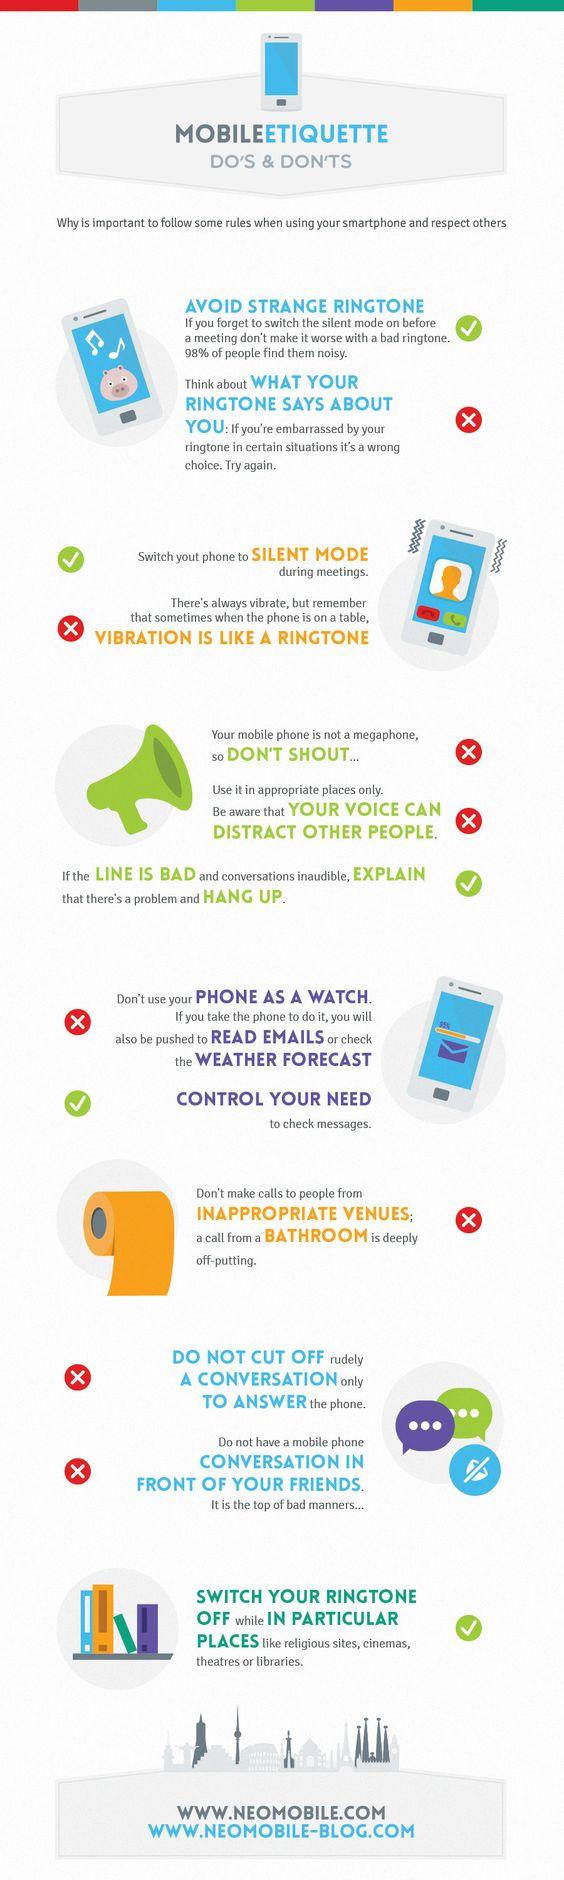 Regras básicas de etiqueta ao usar um celular (3/7/2013)